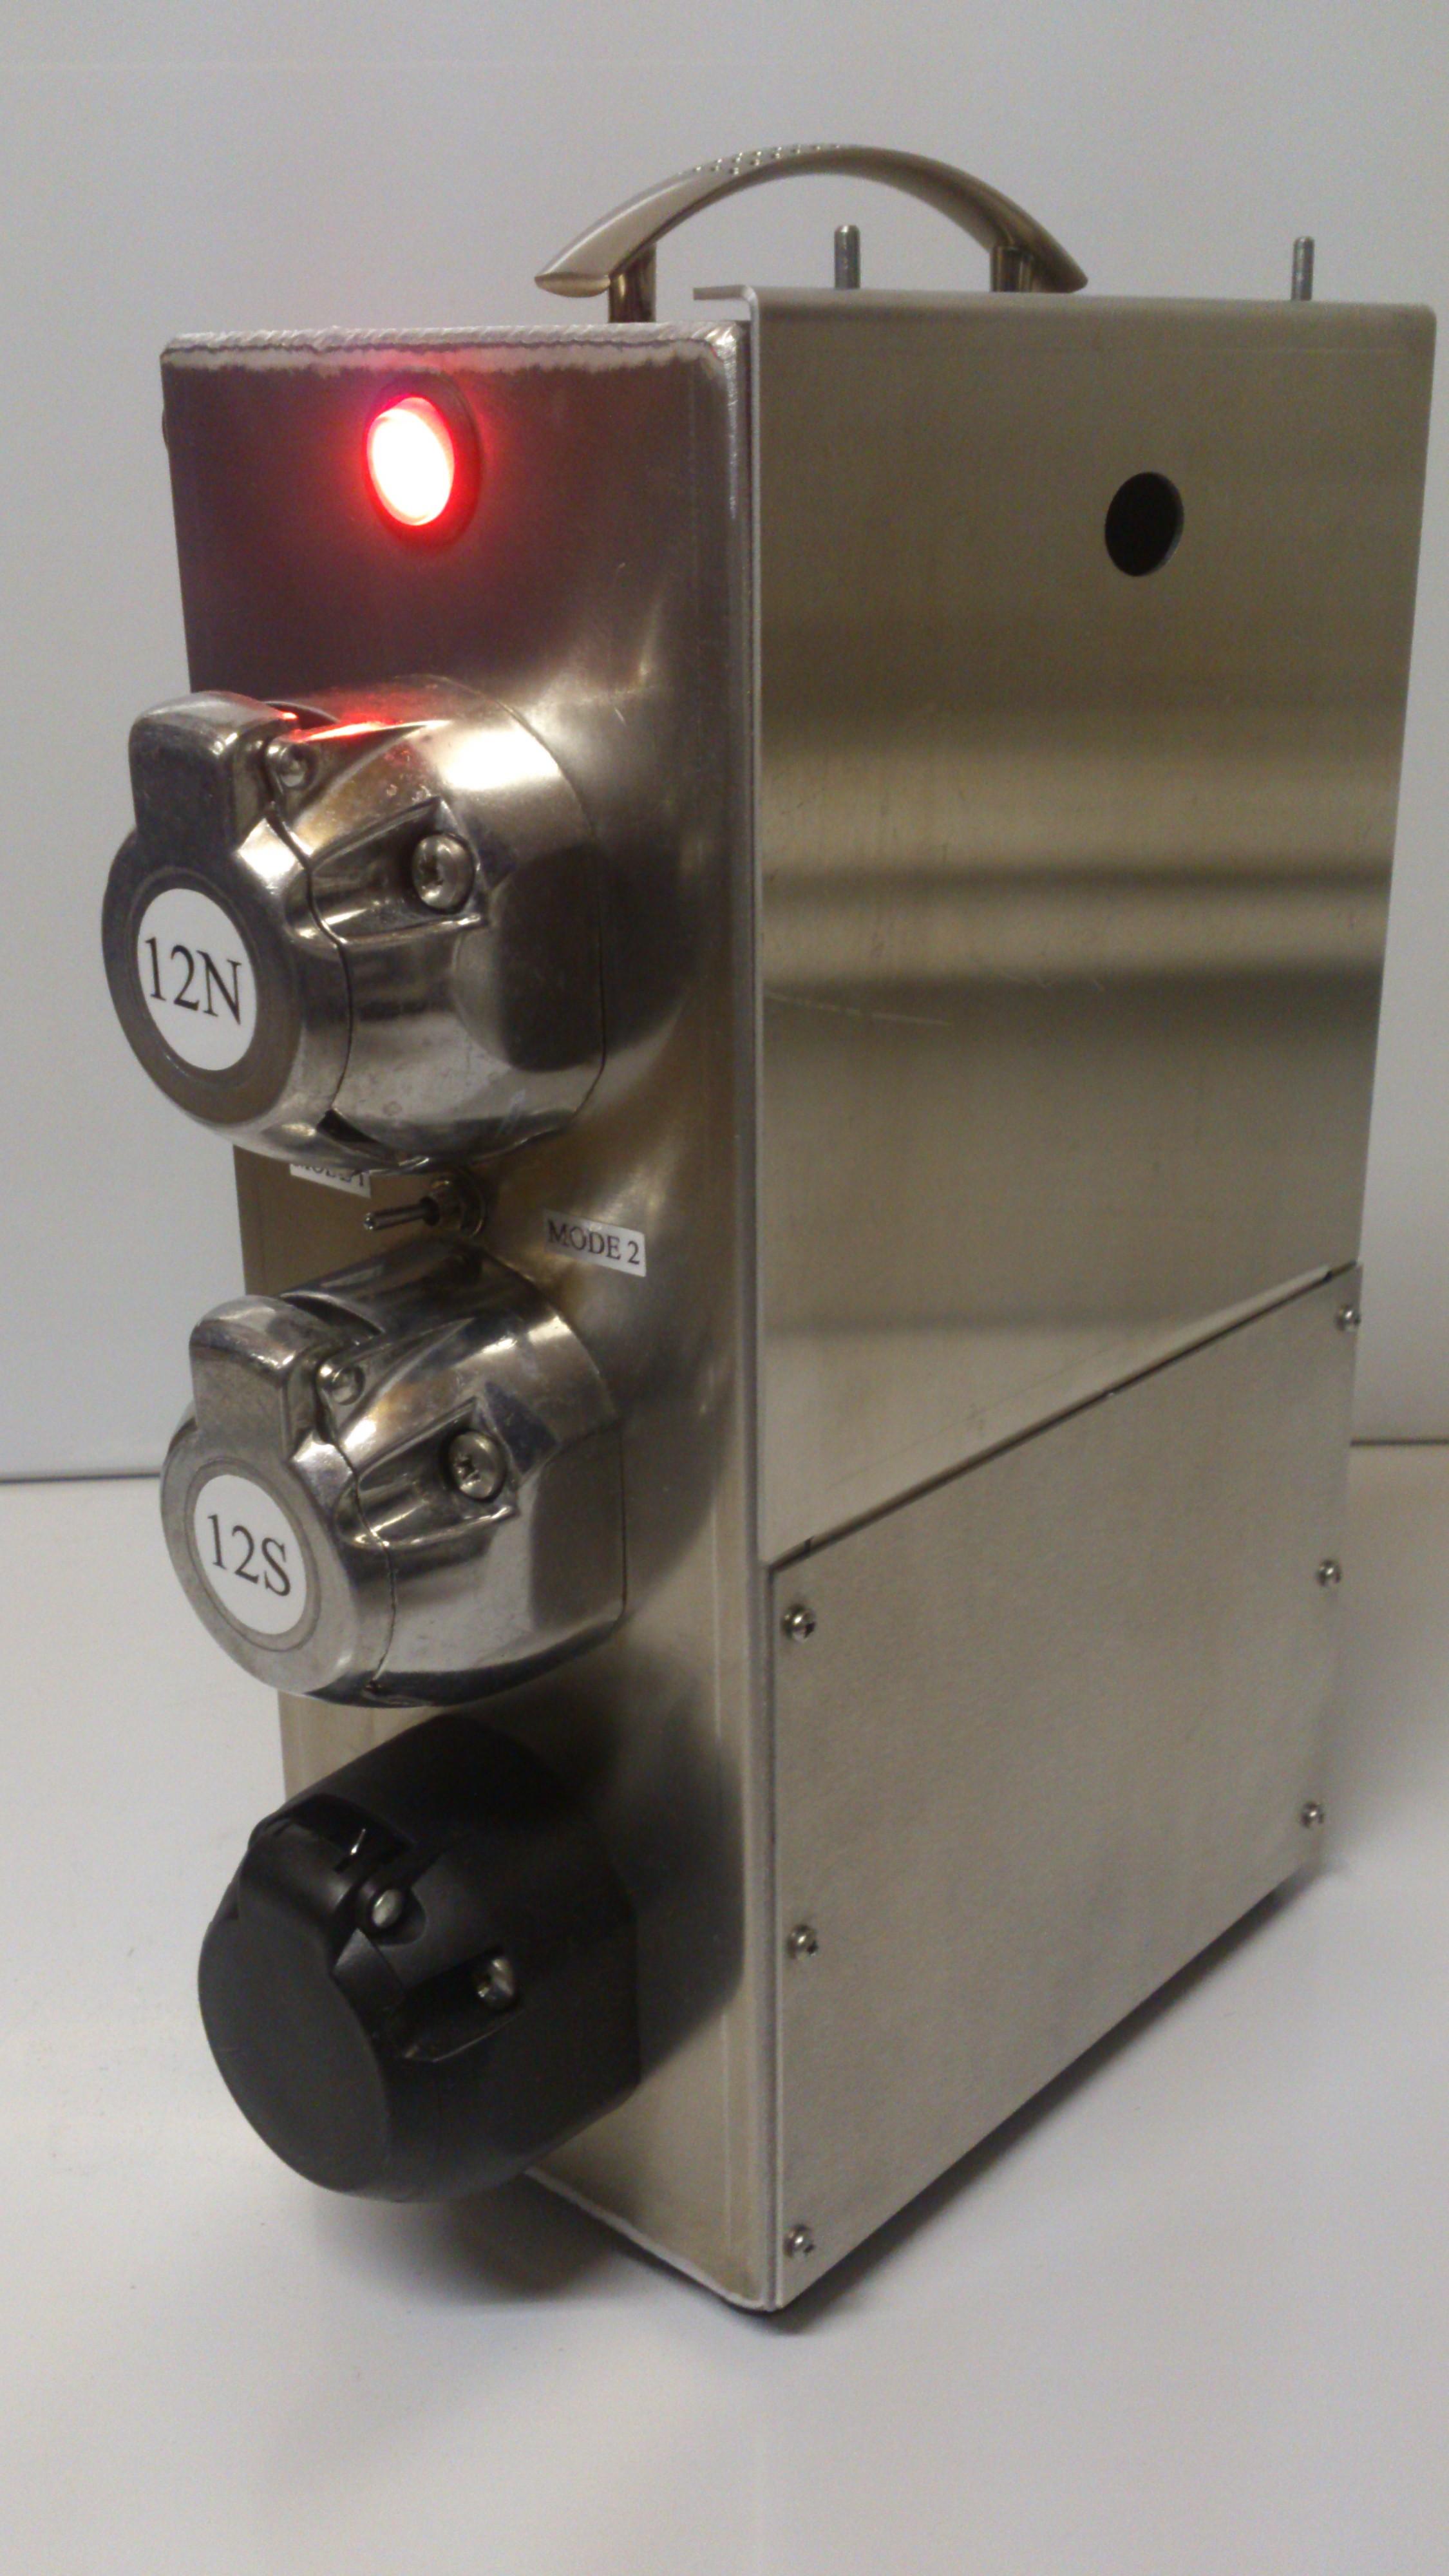 Trailer Wiring Tester, Portable Trailer Light Tester For ... on